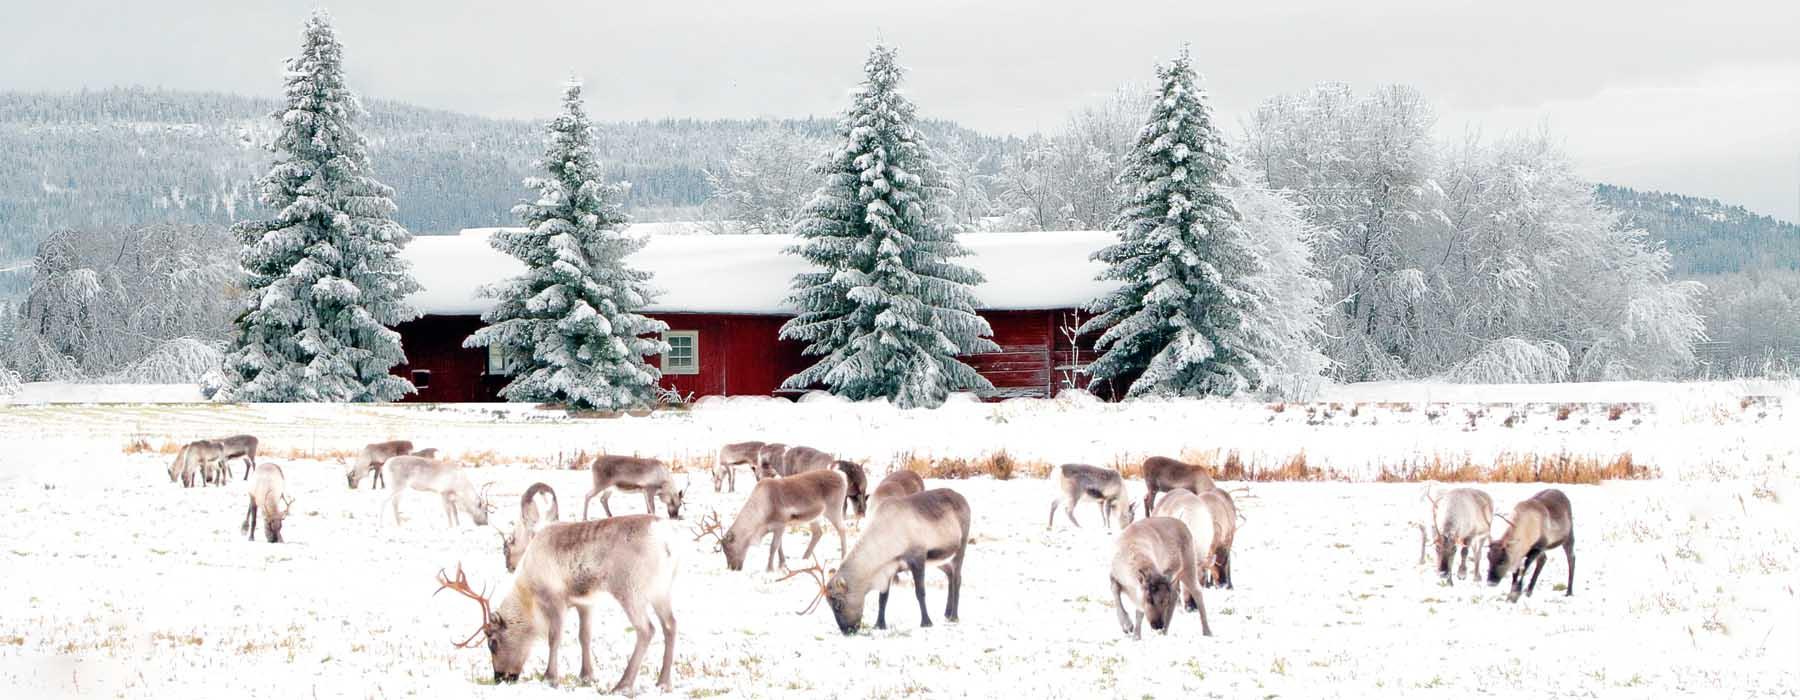 Jeudi 10 décembre LR-Destination-laponie-finlandaise